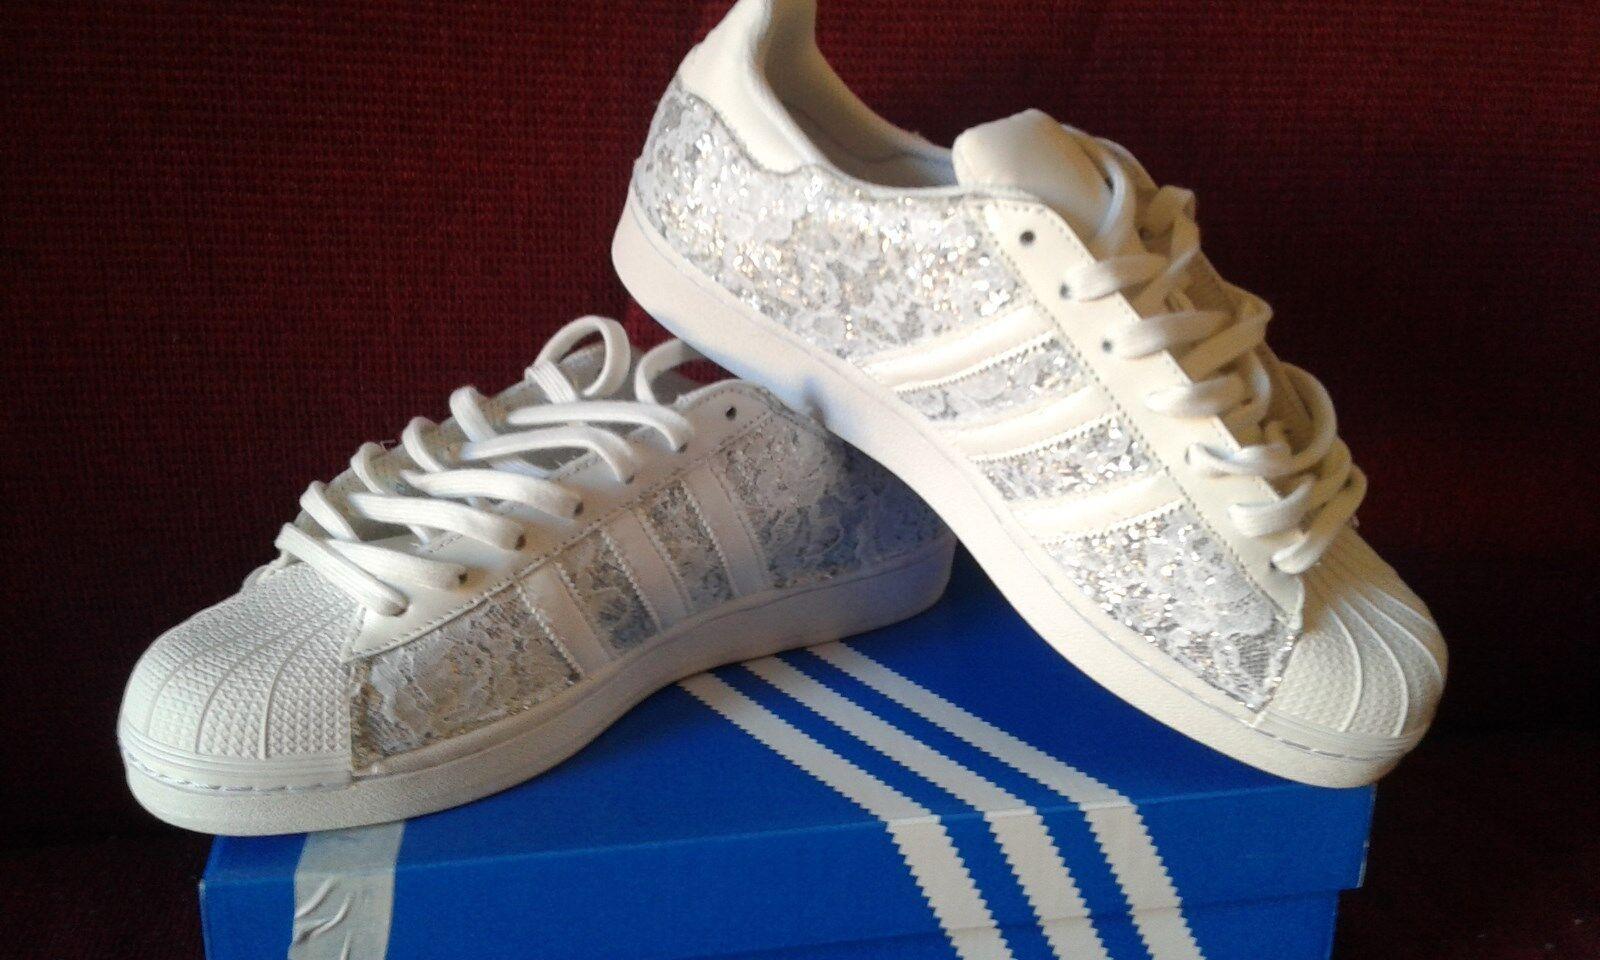 Scarpe adidas  e superstar con glitter argento e  pizzo bianco 9c3785